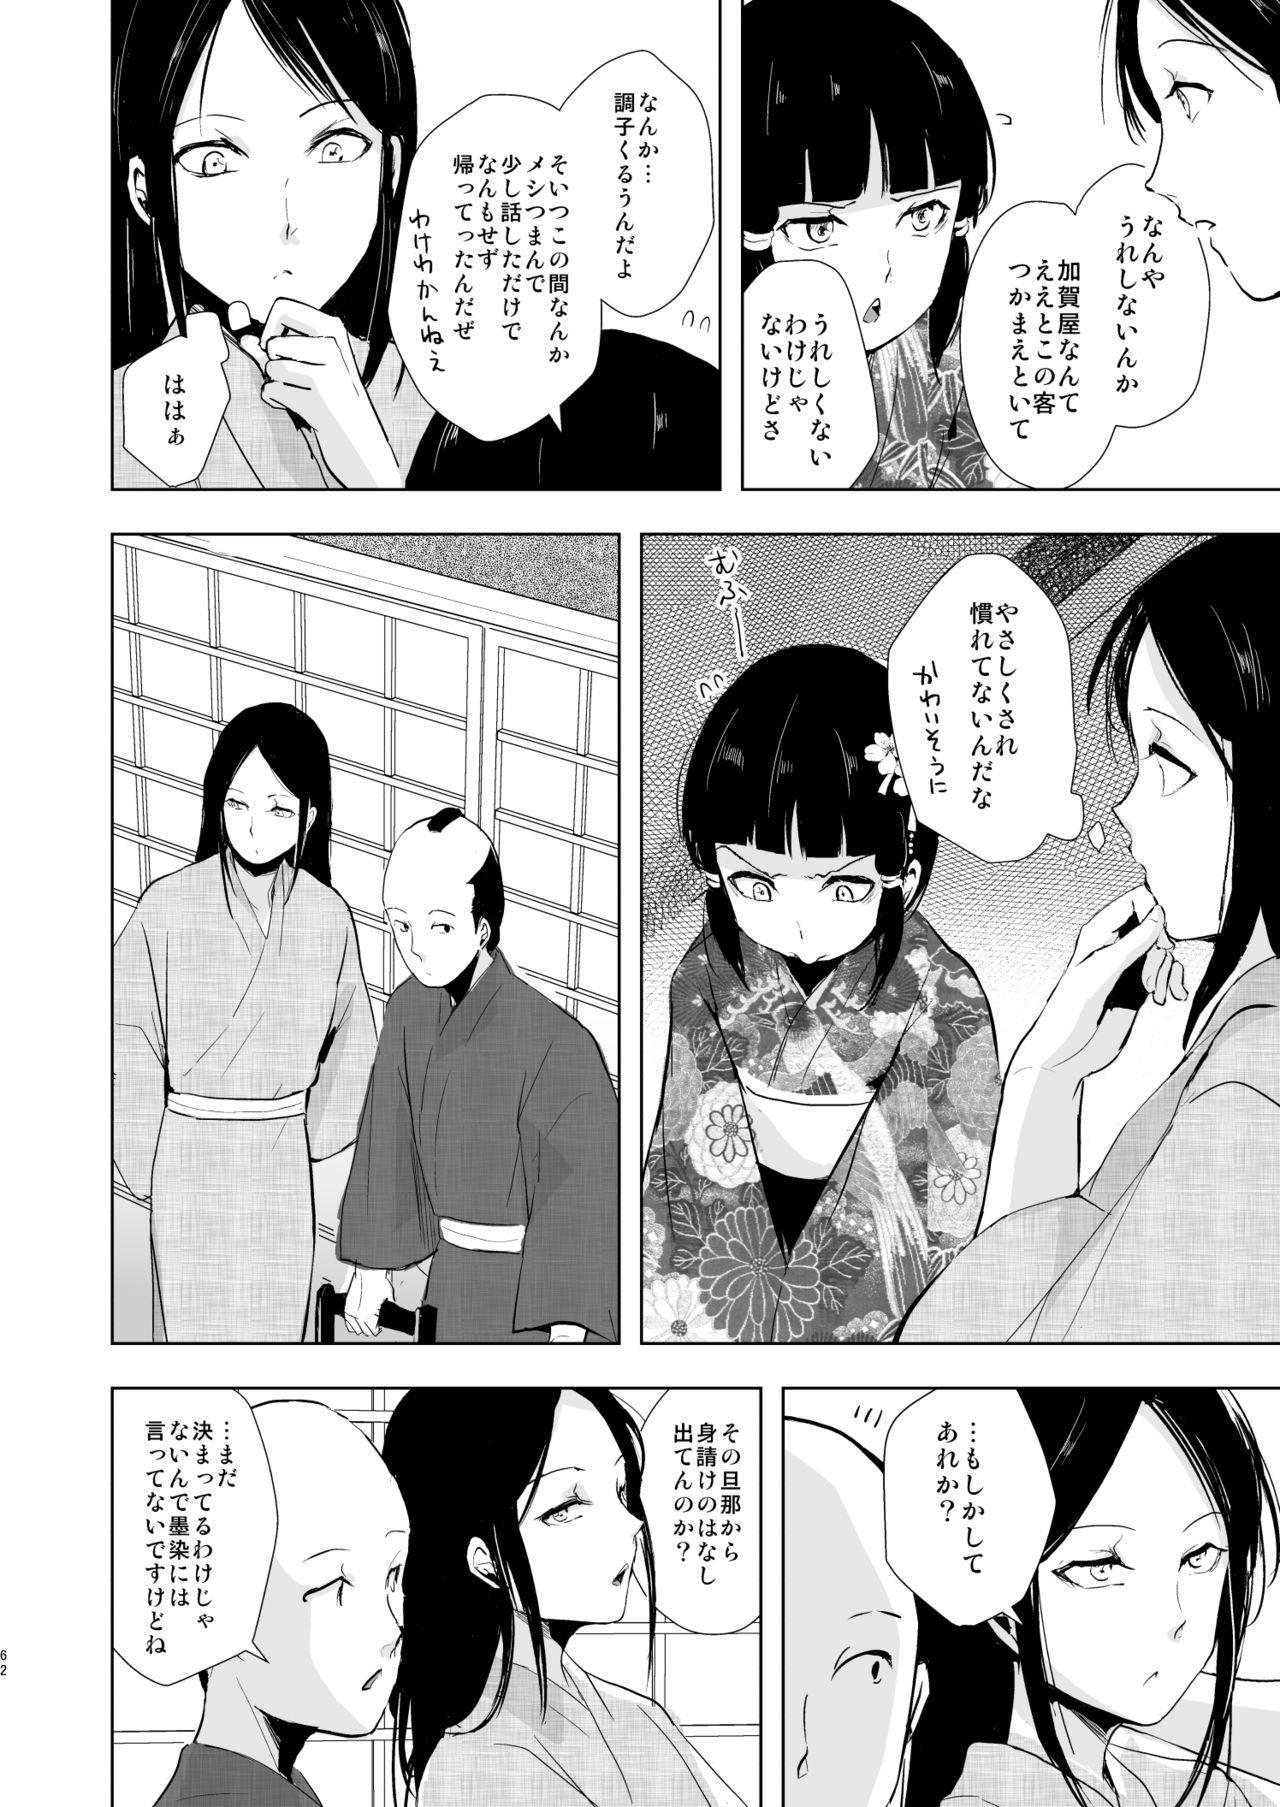 Umugairou Sairokubon 2 62